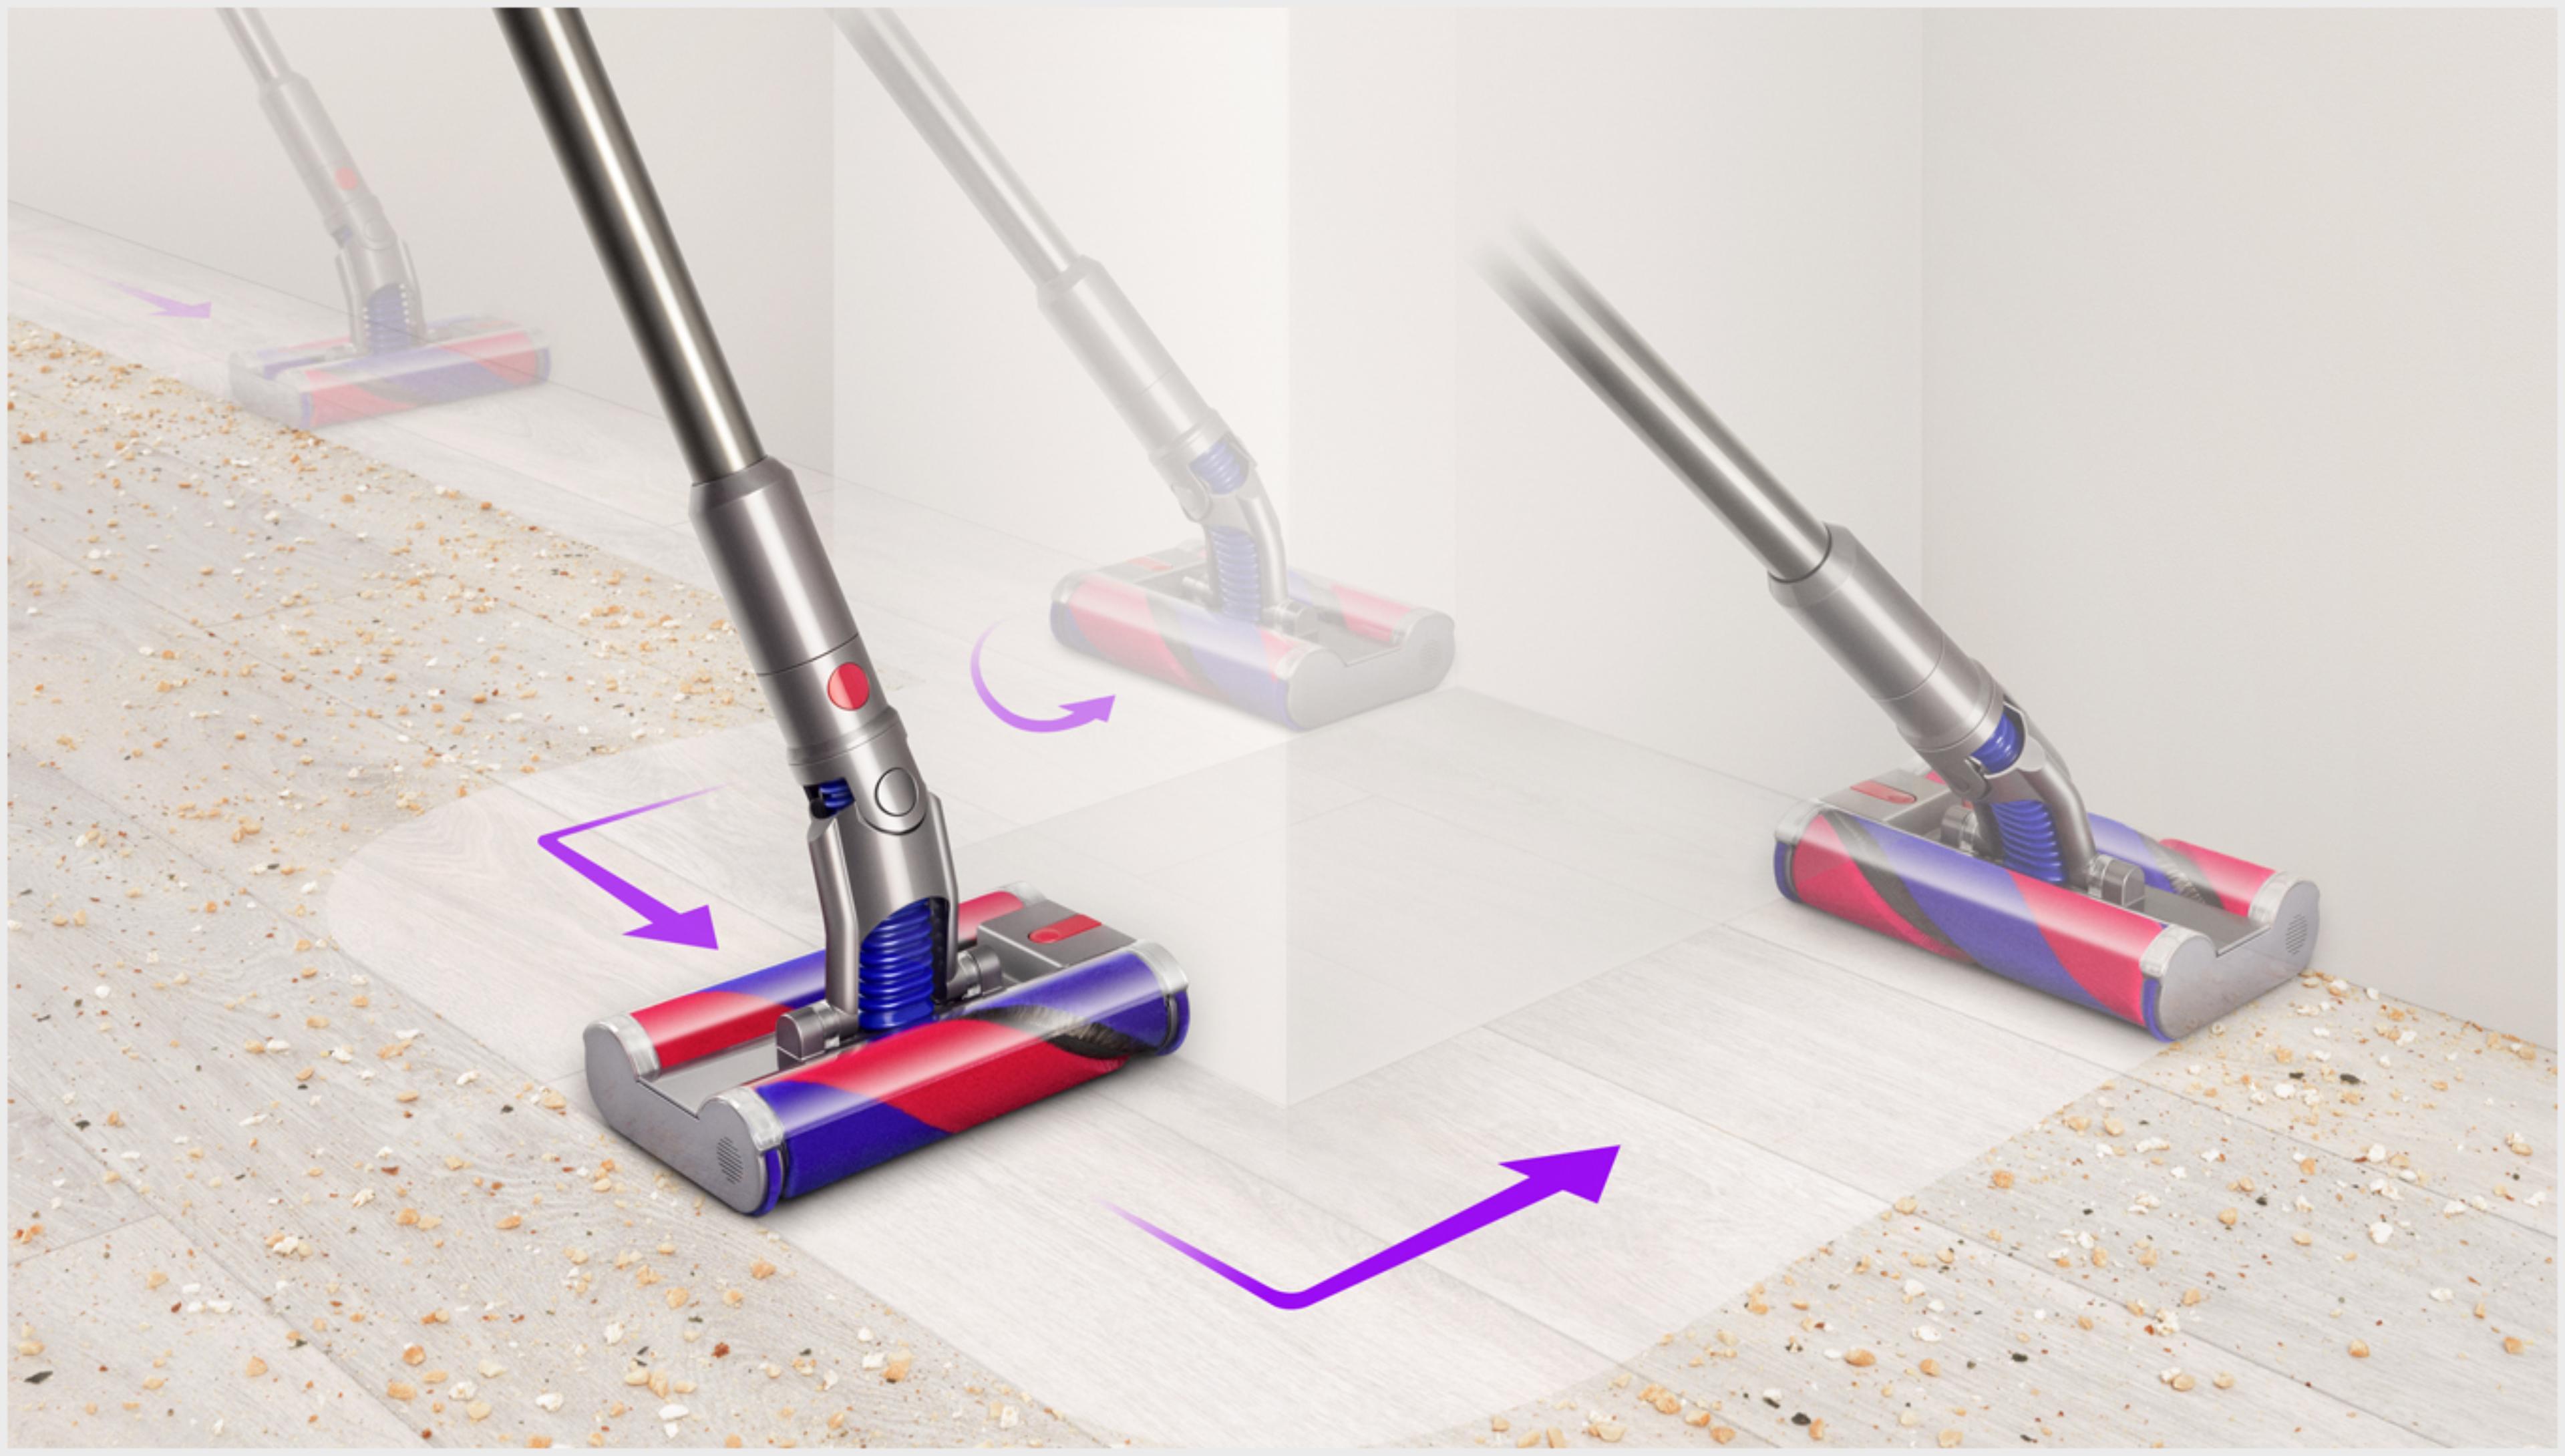 장애물을 피해 다이슨 옴니-글라이드™+ 진공 청소기를 제어하는 모습.